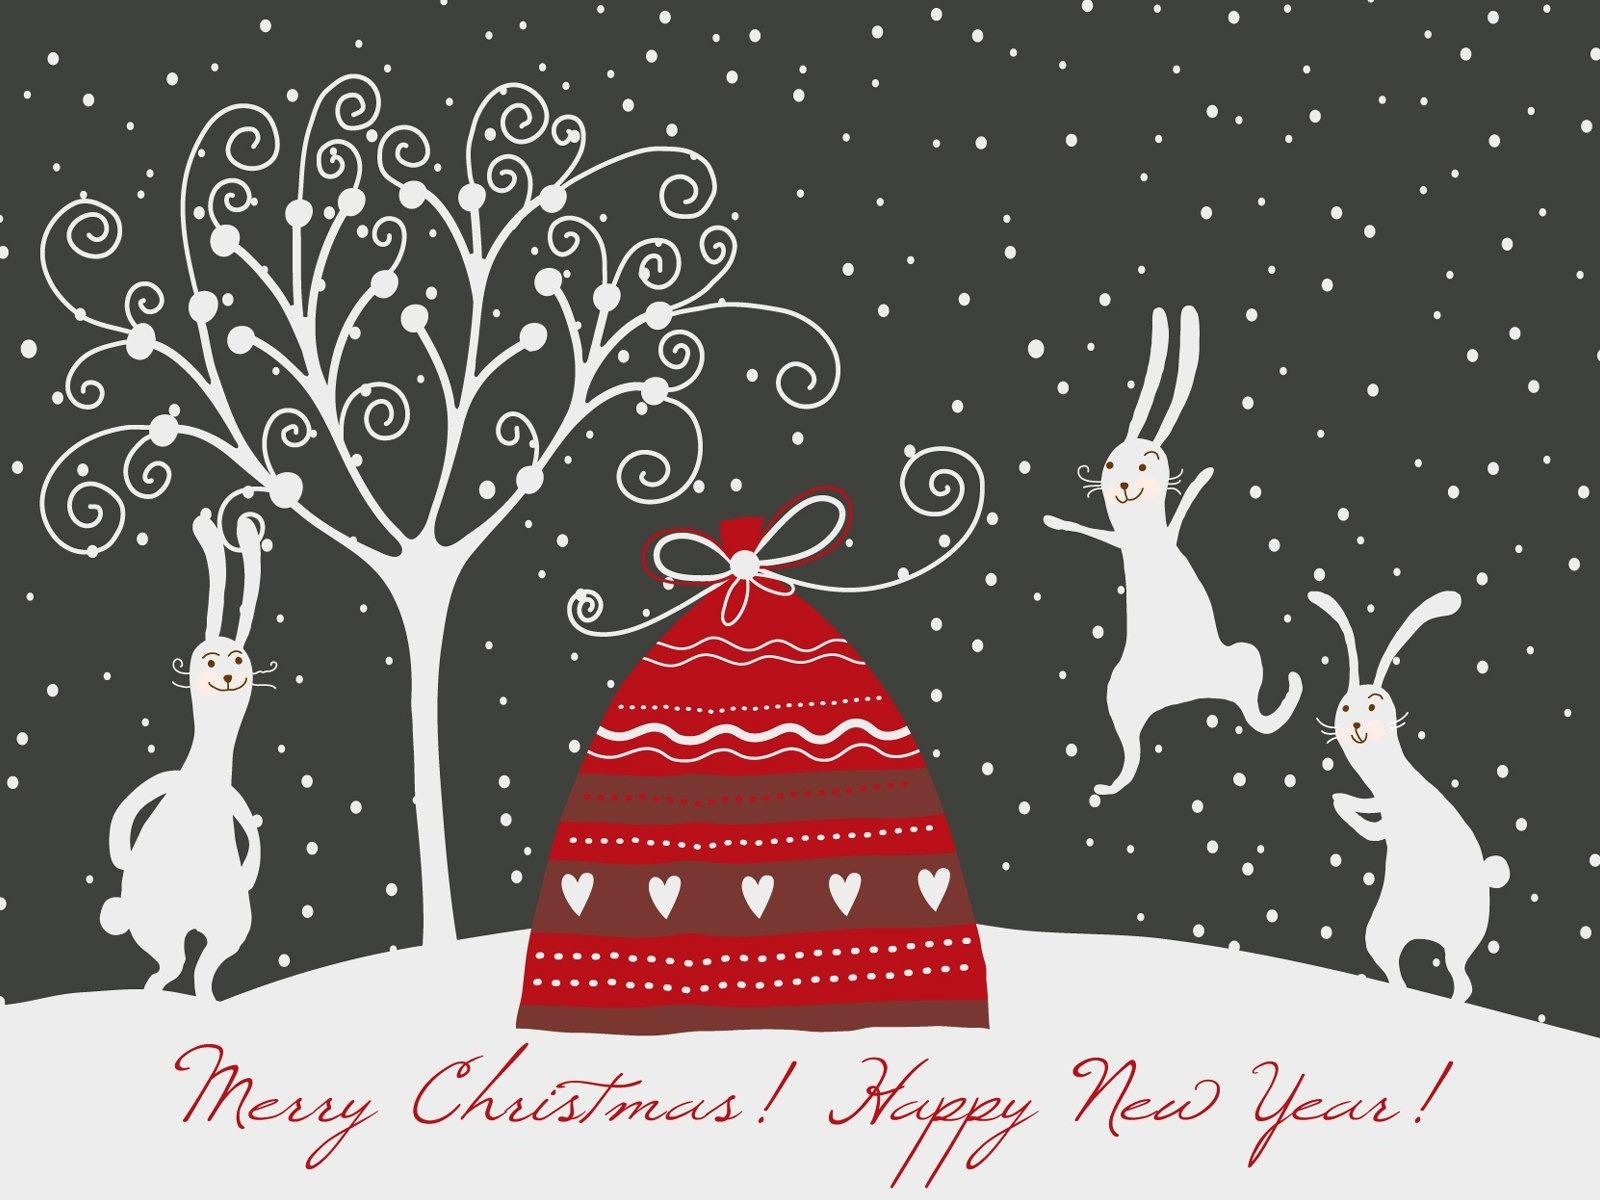 Смешные, рисунки для открыток для нового года